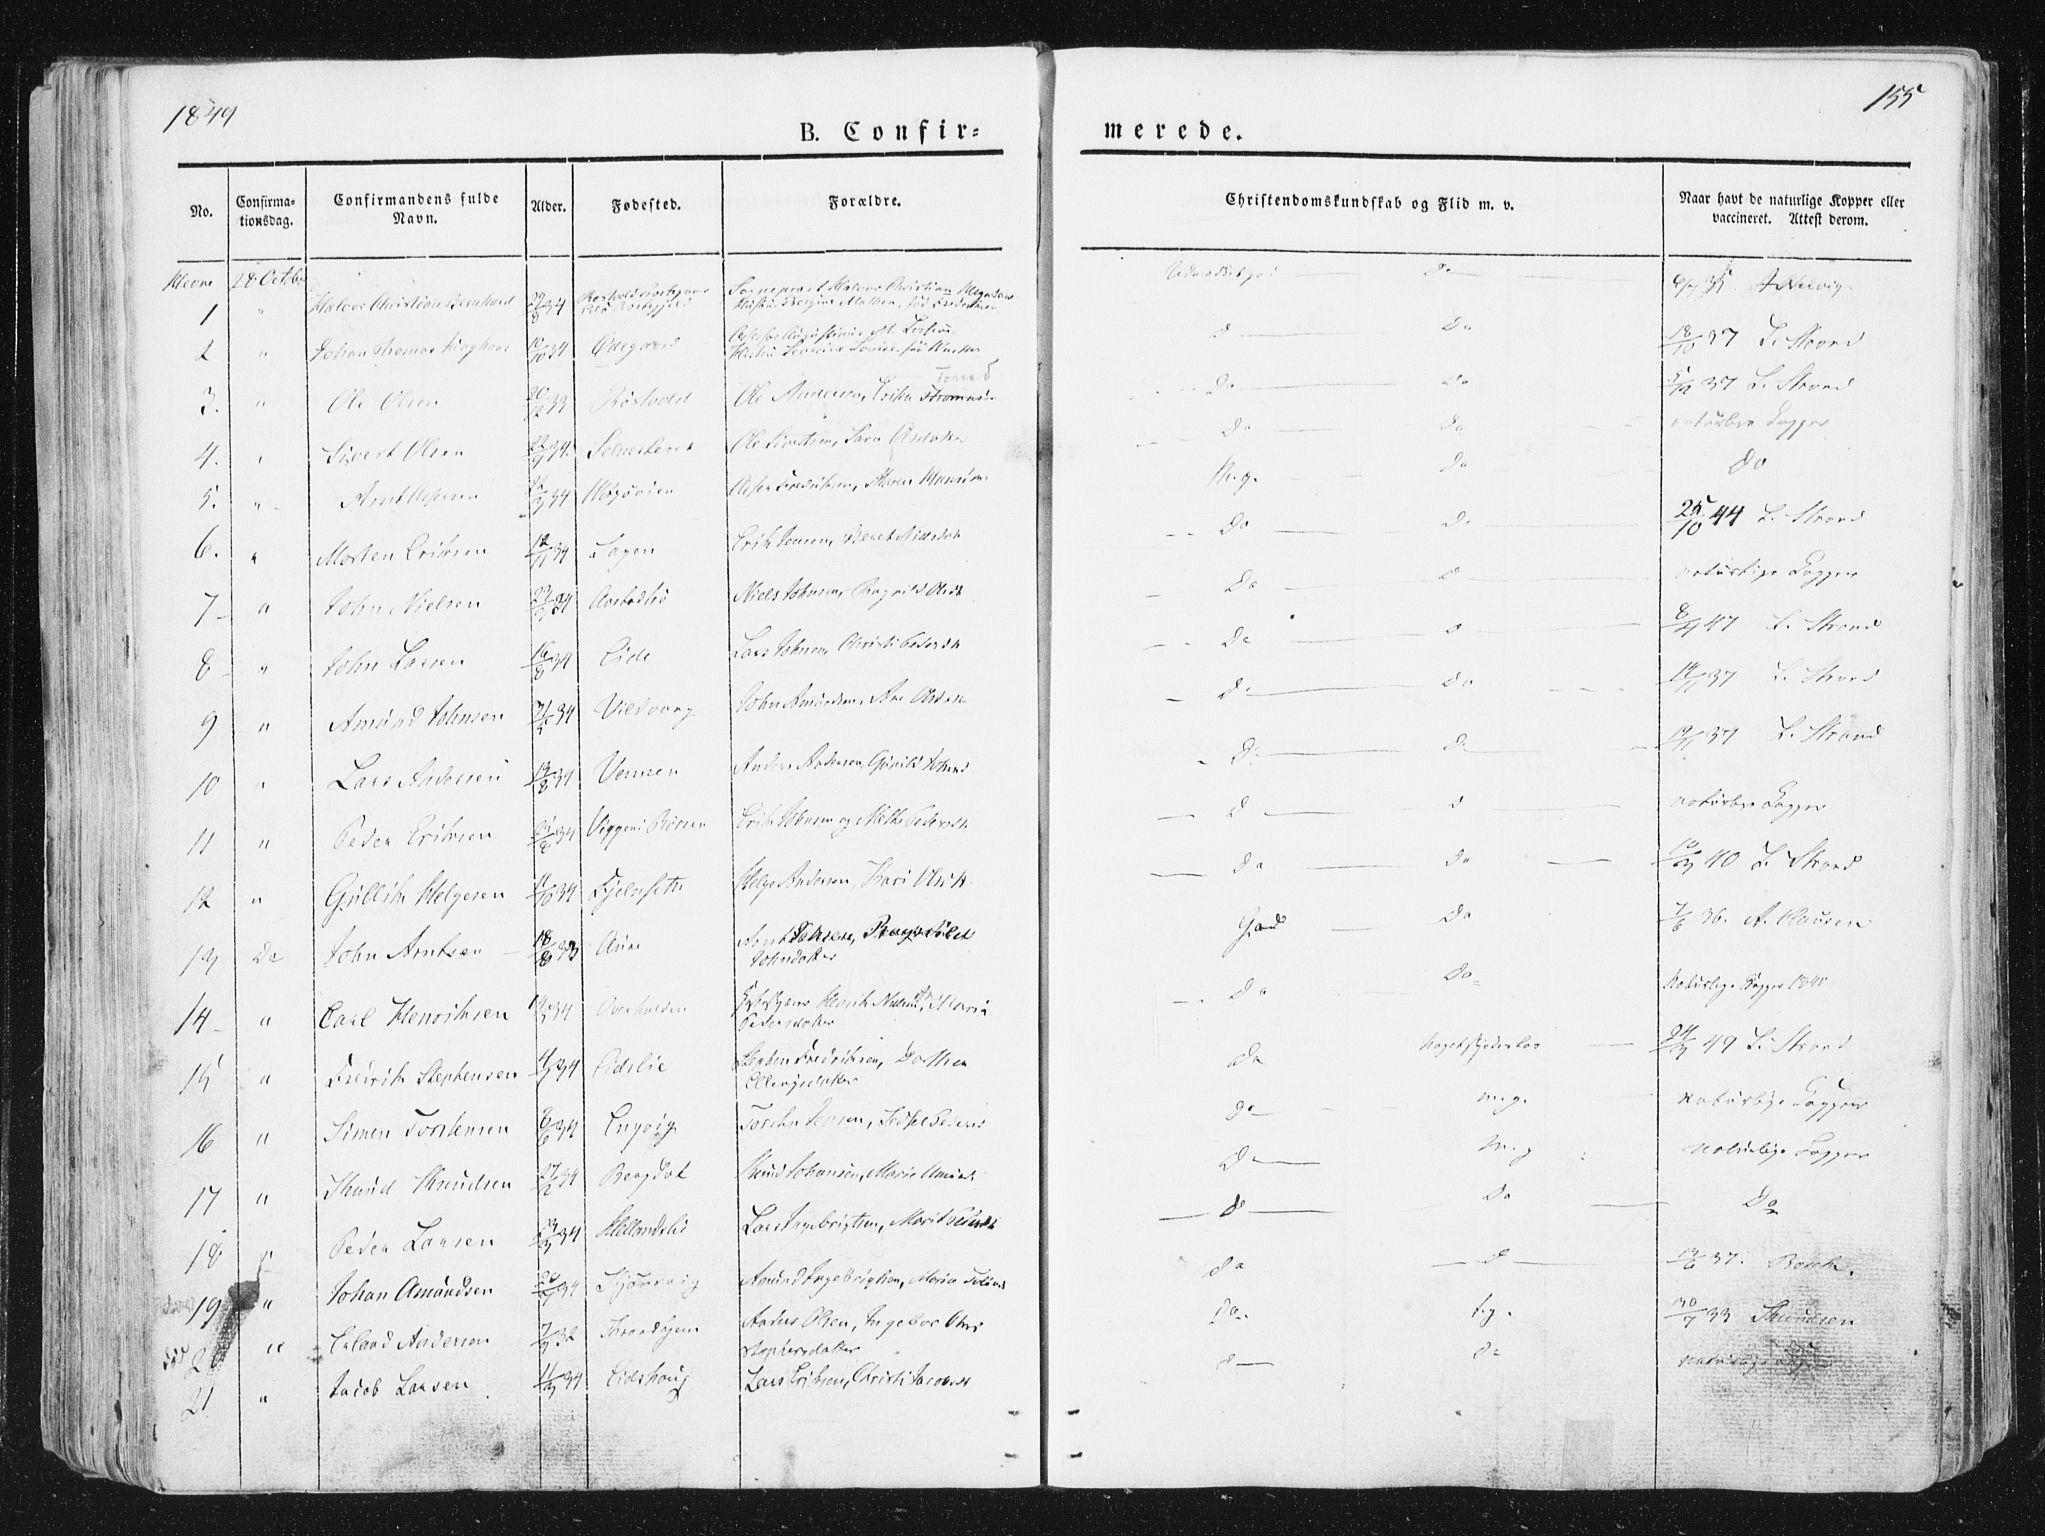 SAT, Ministerialprotokoller, klokkerbøker og fødselsregistre - Sør-Trøndelag, 630/L0493: Ministerialbok nr. 630A06, 1841-1851, s. 155